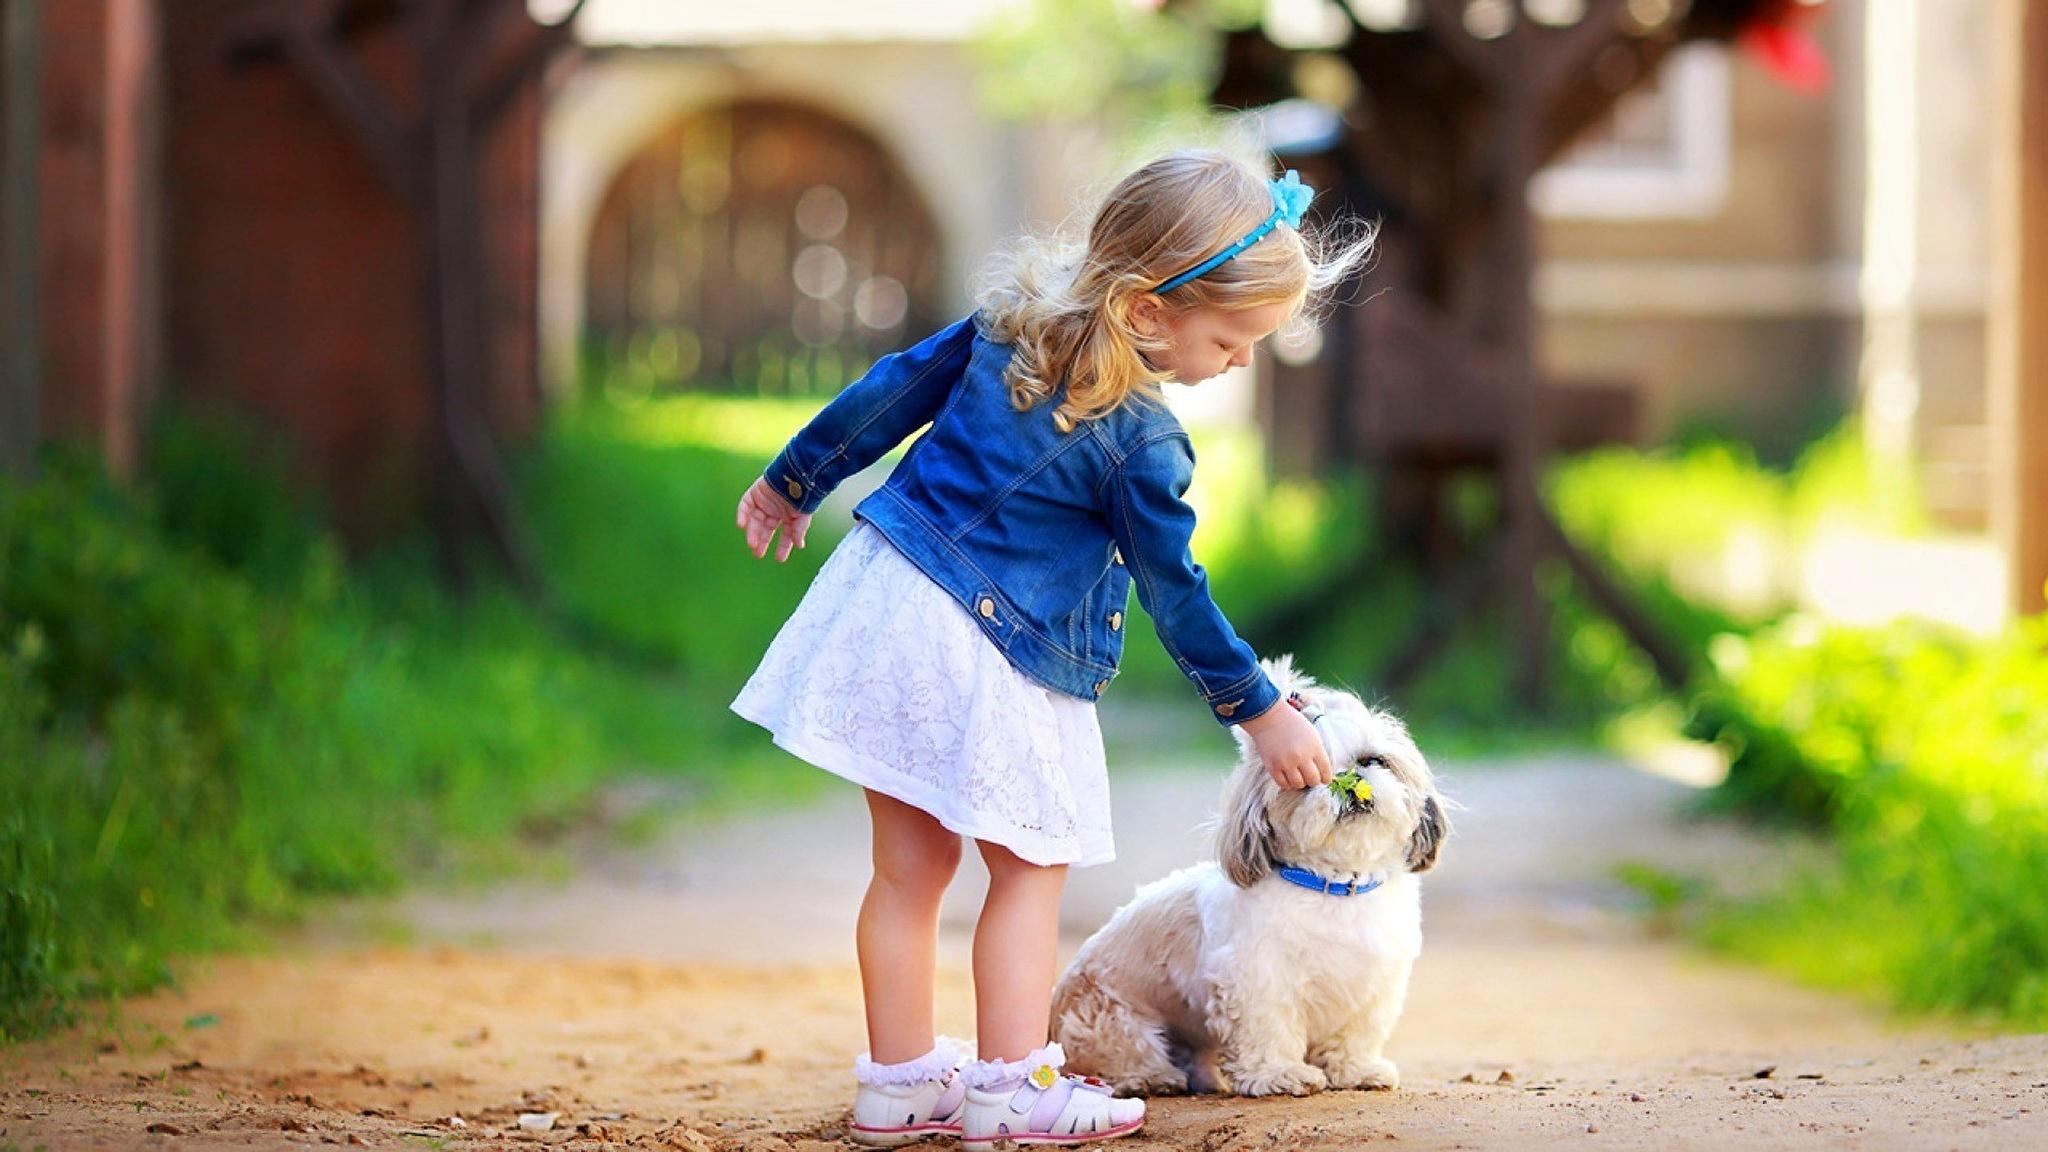 природа животные собака девочка жизнь nature animals dog girl life  № 3951002 без смс